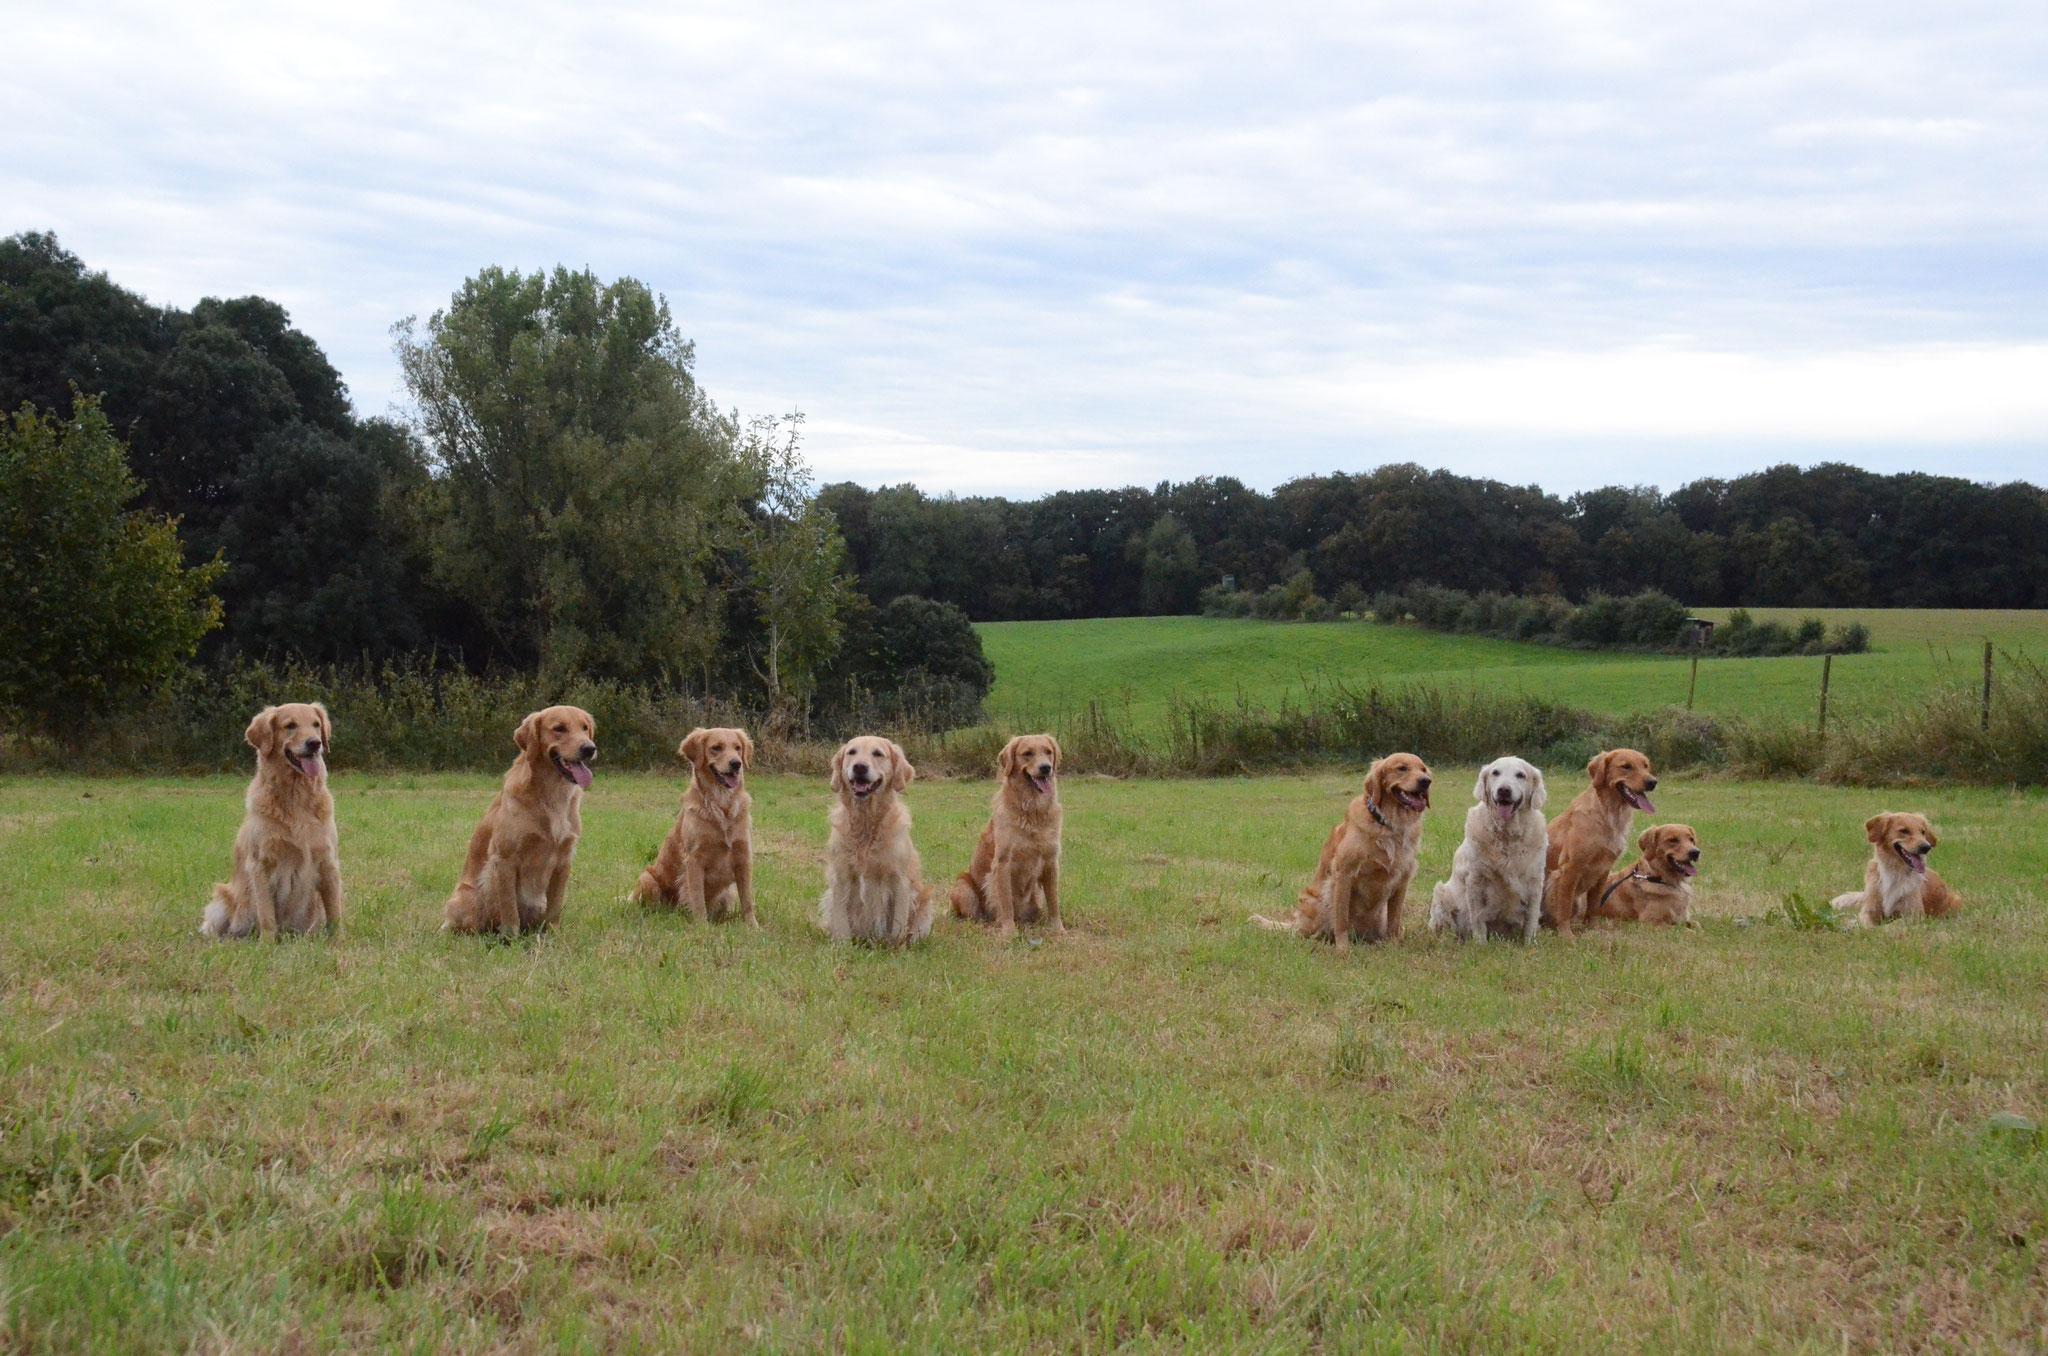 Einmal die Hunde ohne Menschen - die Renssors